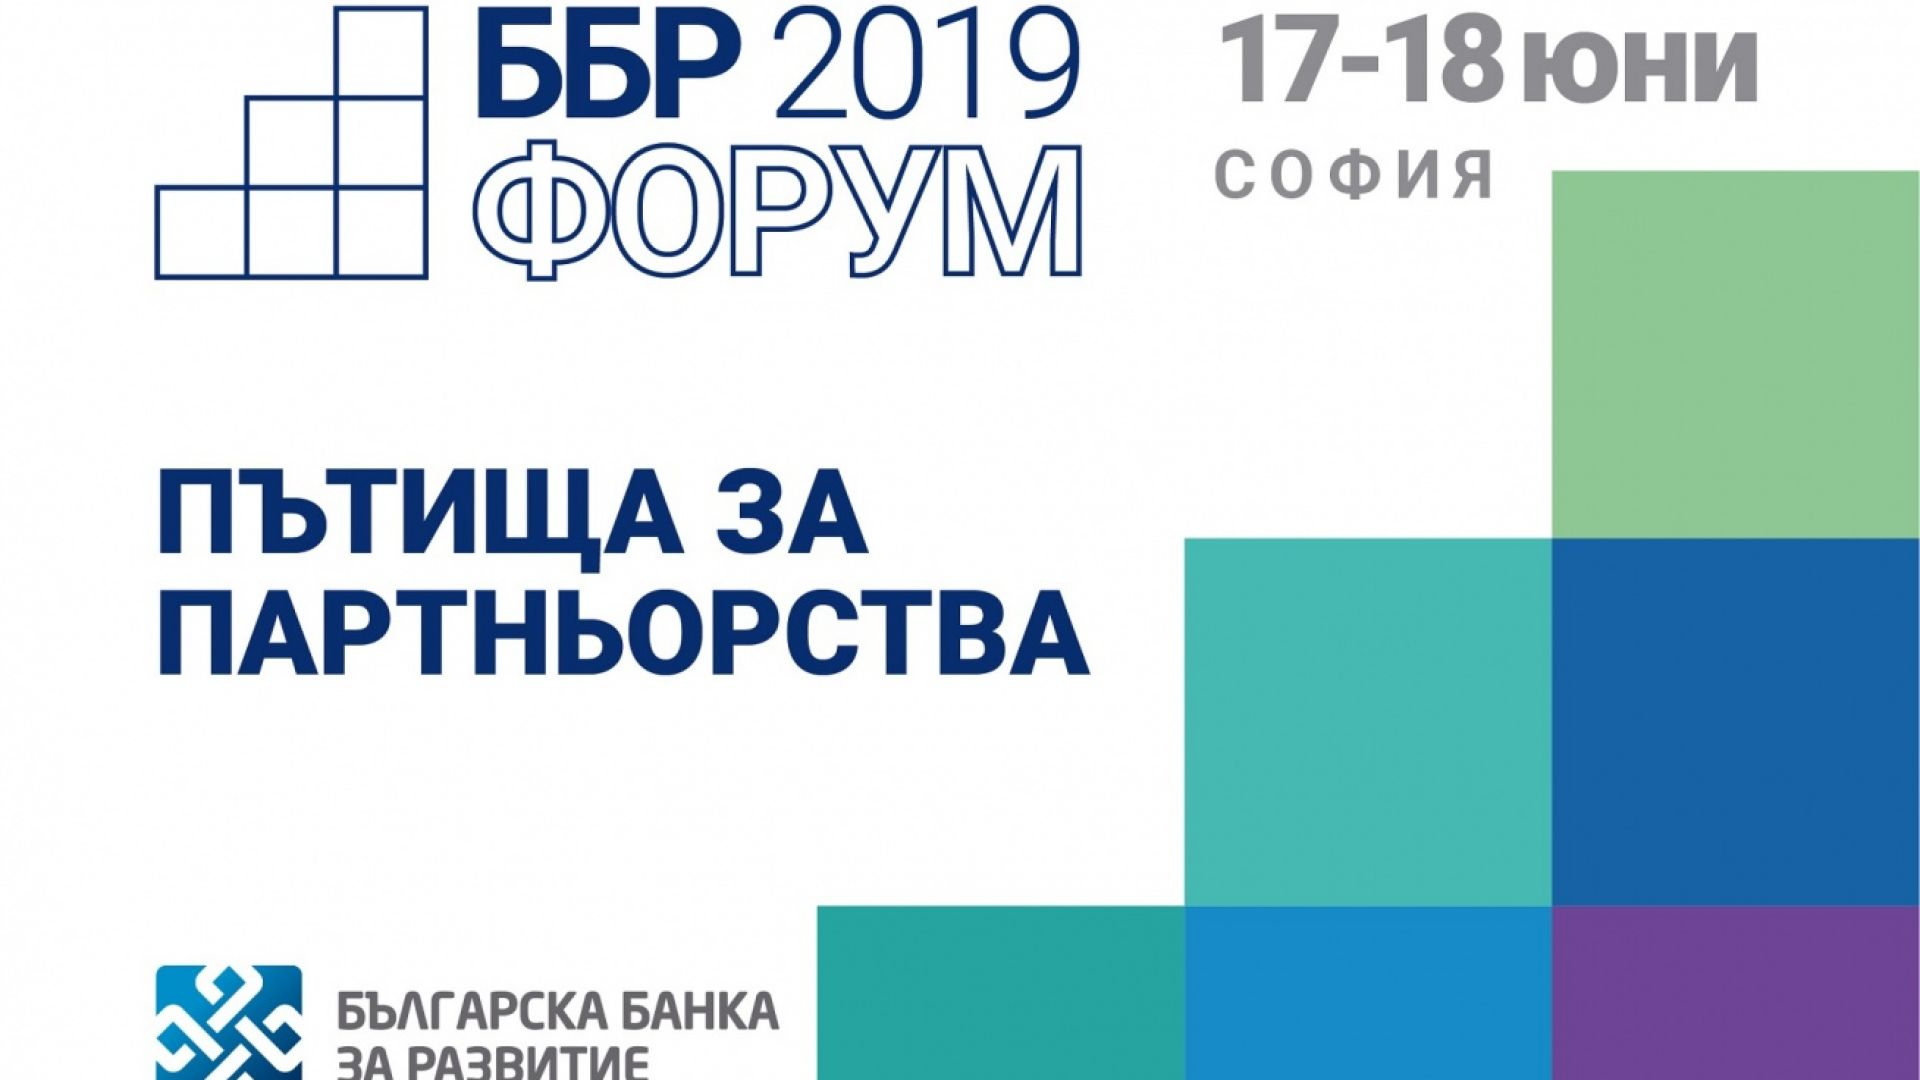 Българската банка за развитие събира за 20-годишния си юбилей представители на европейски и световни финансови институции